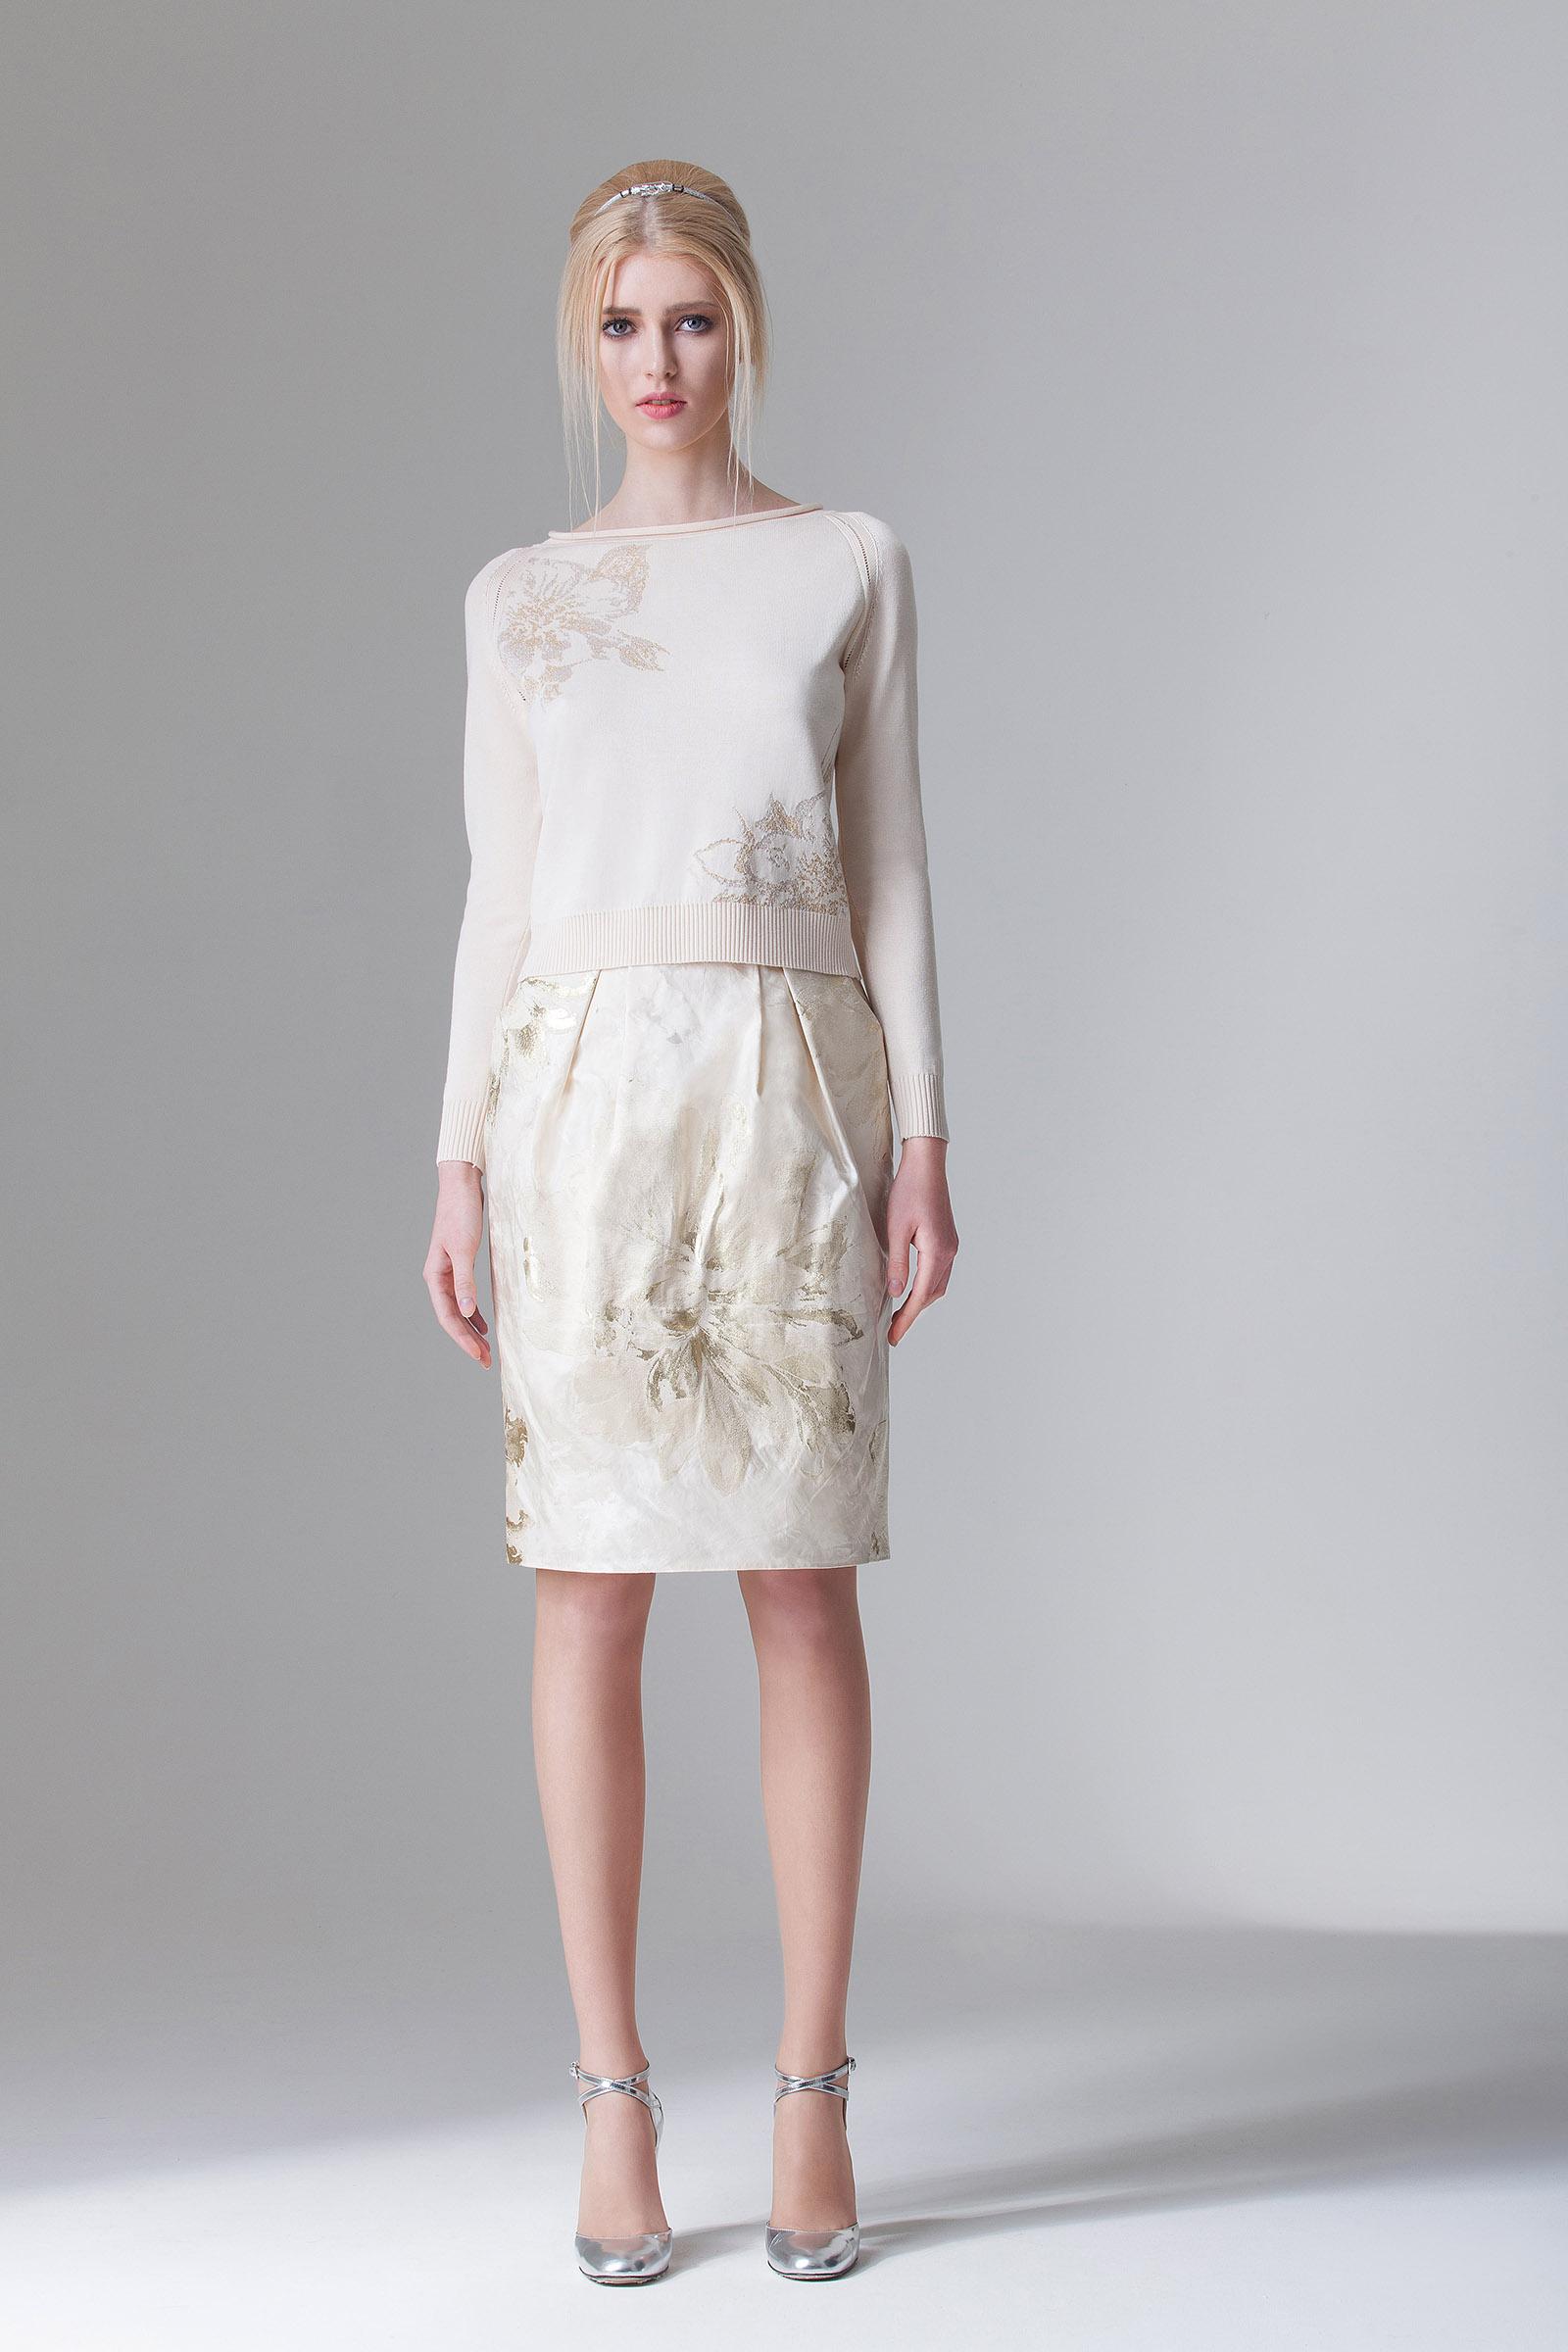 Платье моцарт w16115 живое и хвасты